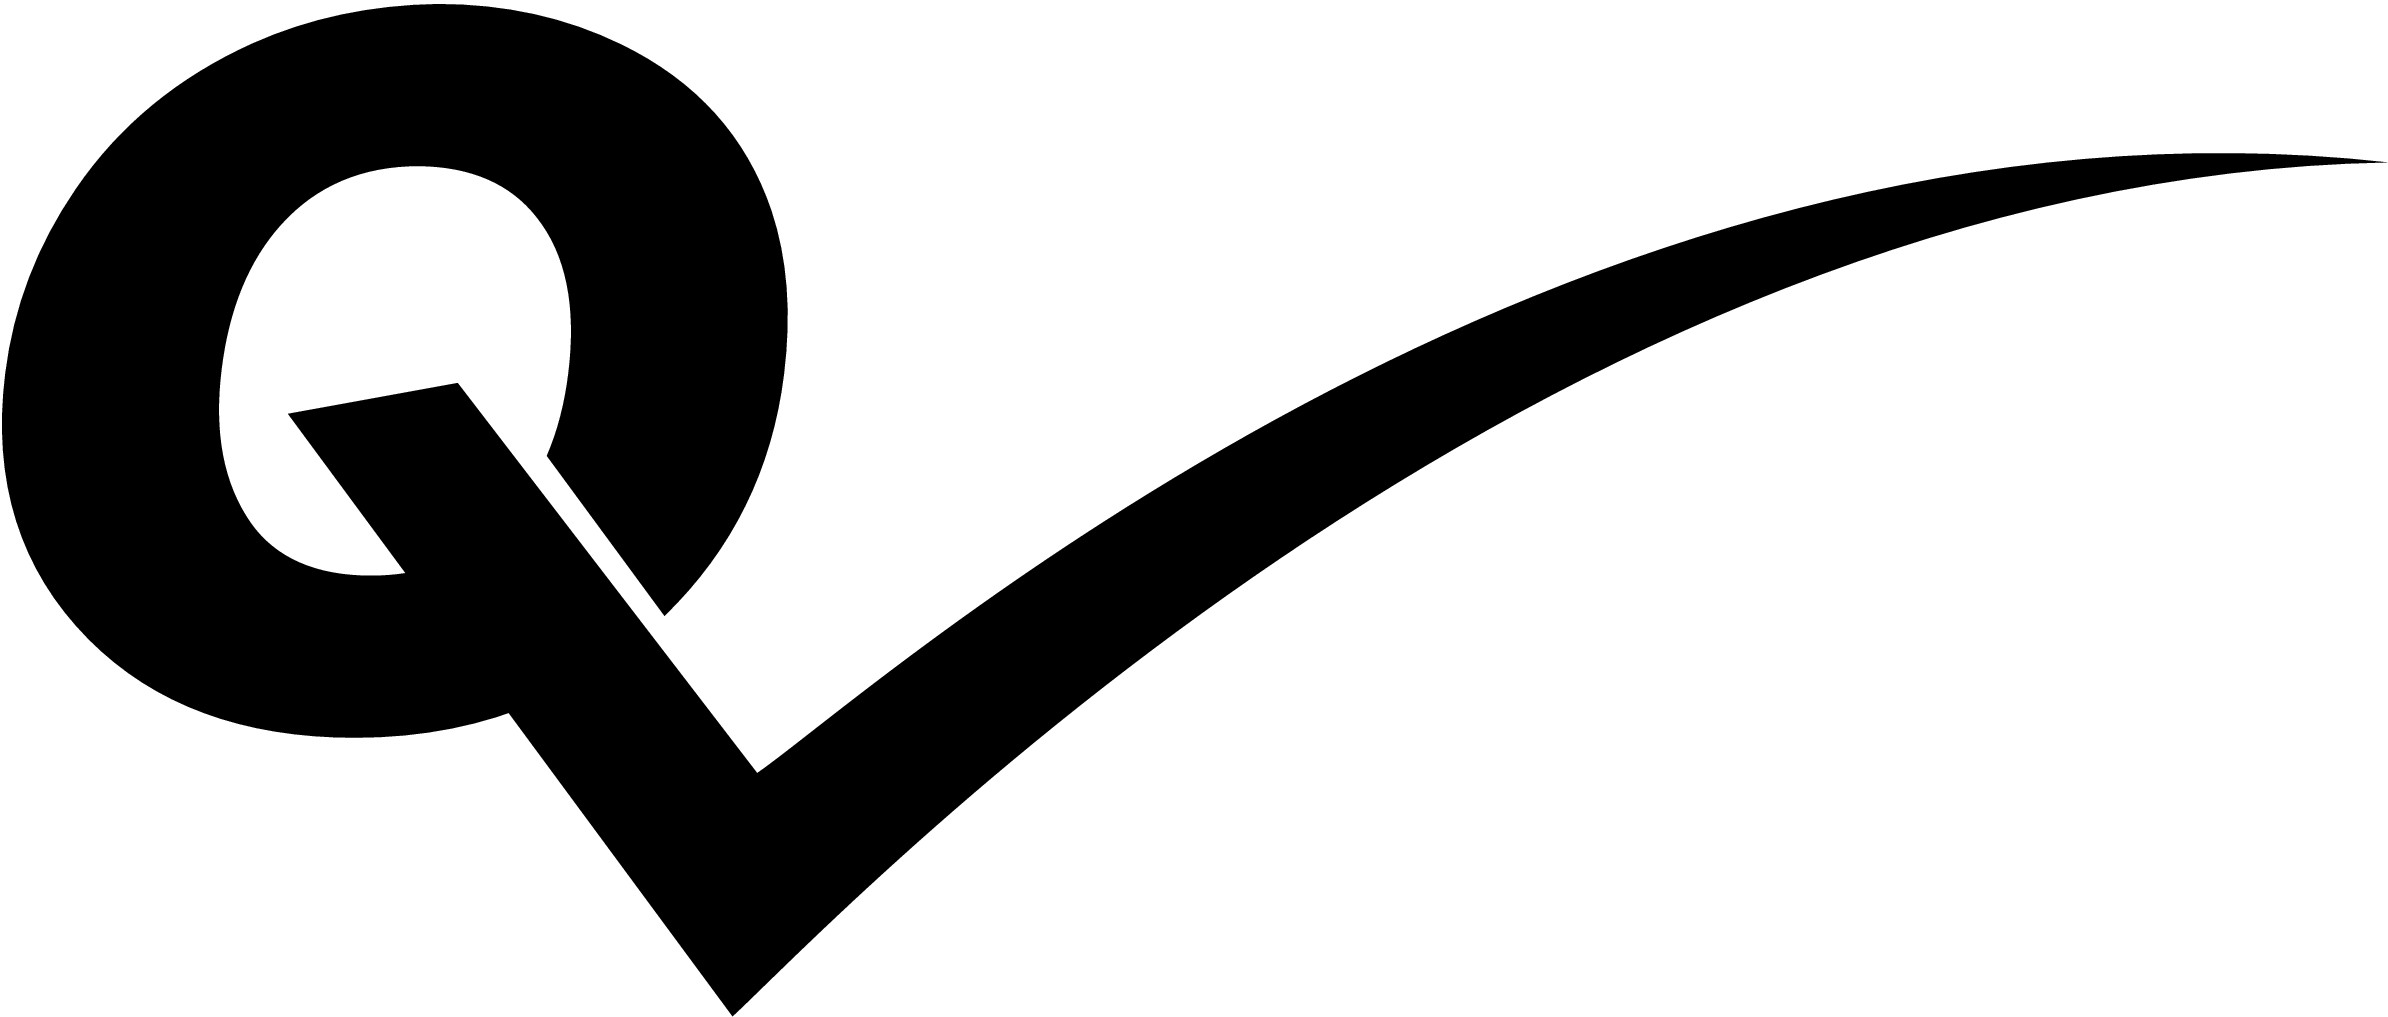 Exclusive/Original Logo for Sport Brand